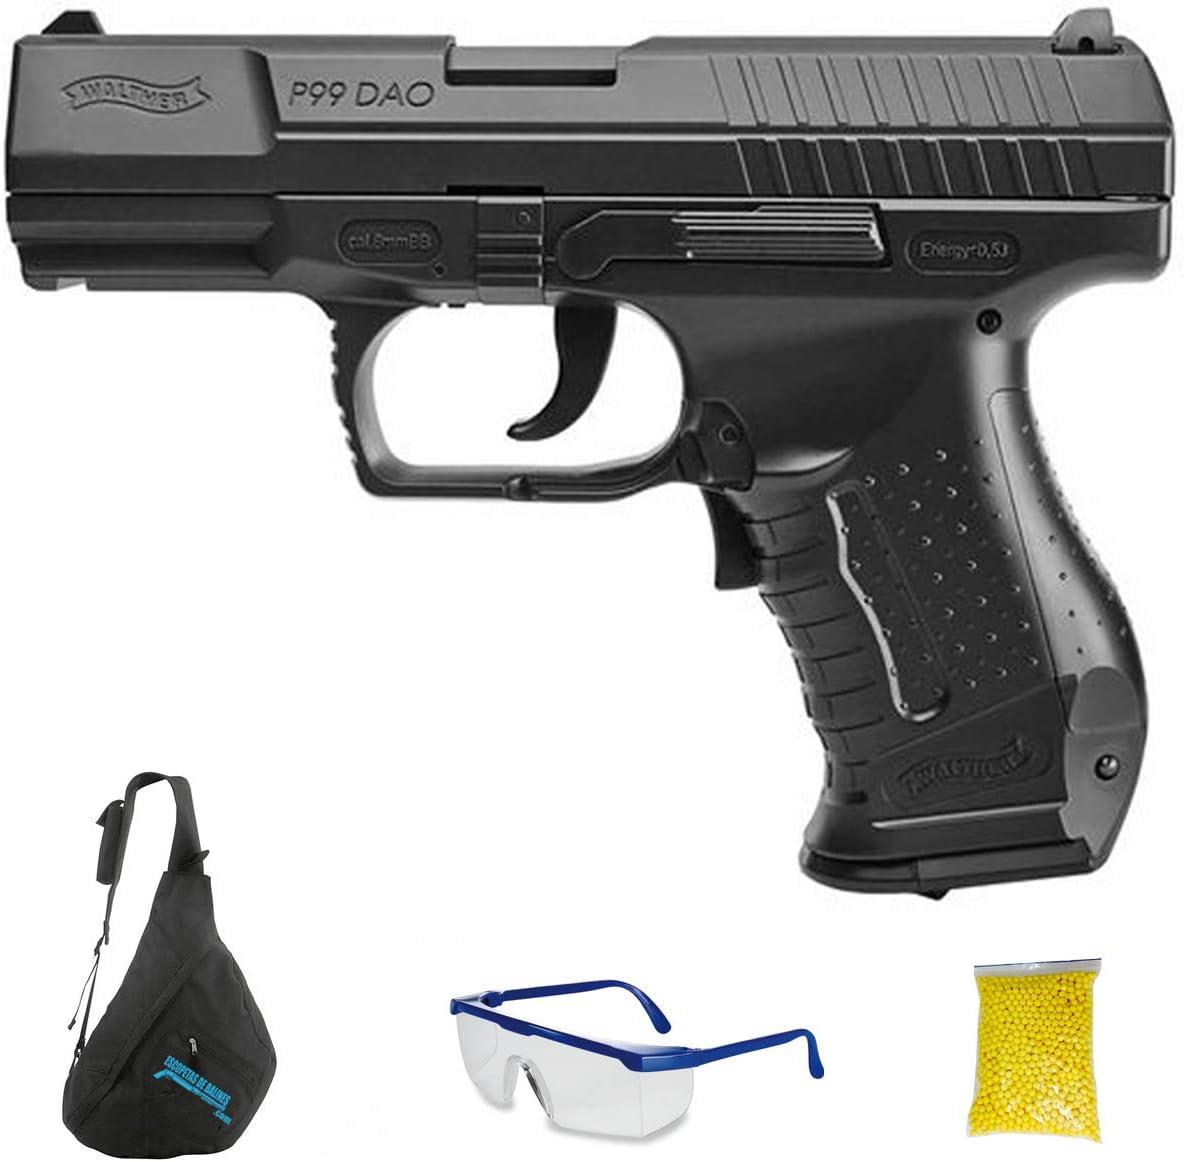 Walther P99 DAO M24 - Pistola de Airsoft Calibre 6mm (Arma Aire Suave de Bolas de plástico o PVC). Sistema: eléctrico <3,5J